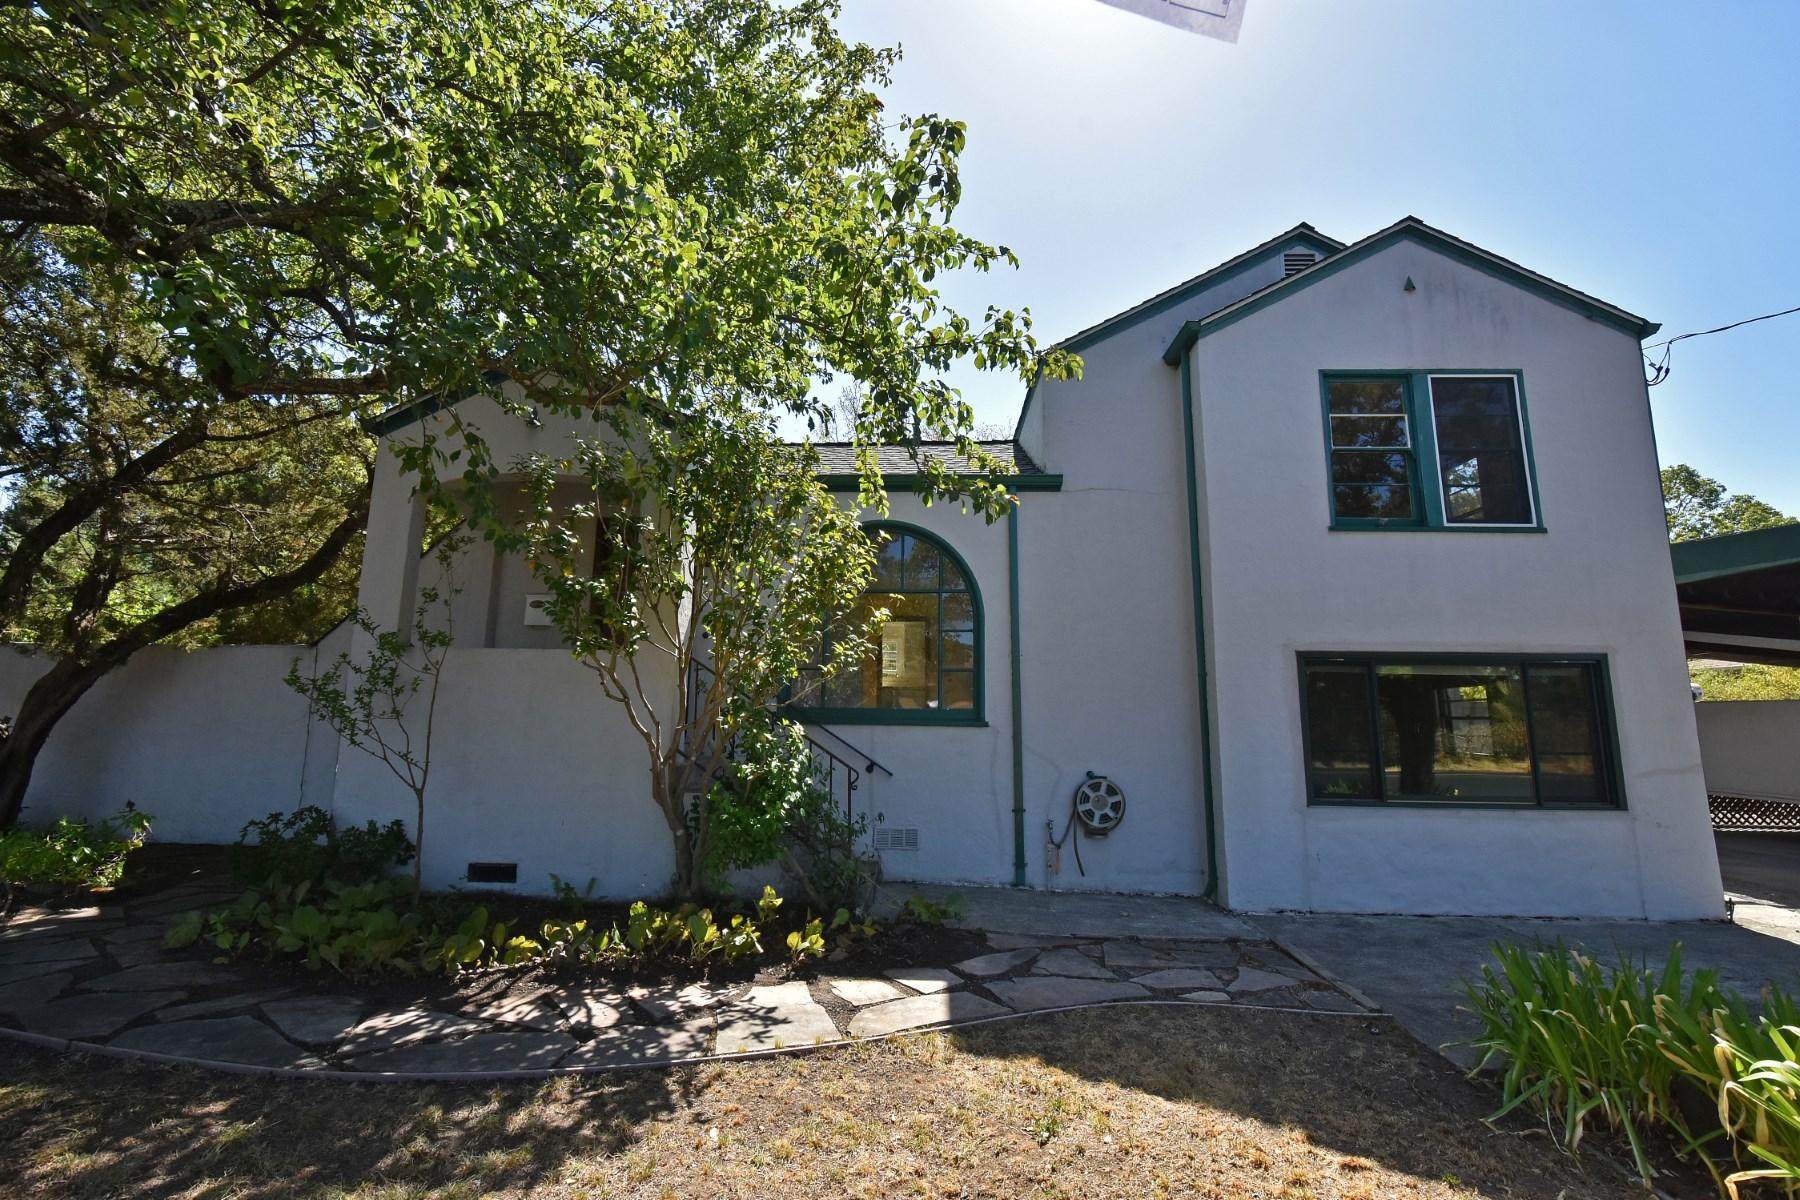 Maison unifamiliale pour l Vente à VINTAGE HOME ON DOUBLE LOT 365 W Spain St Sonoma, Californie, 95476 États-Unis